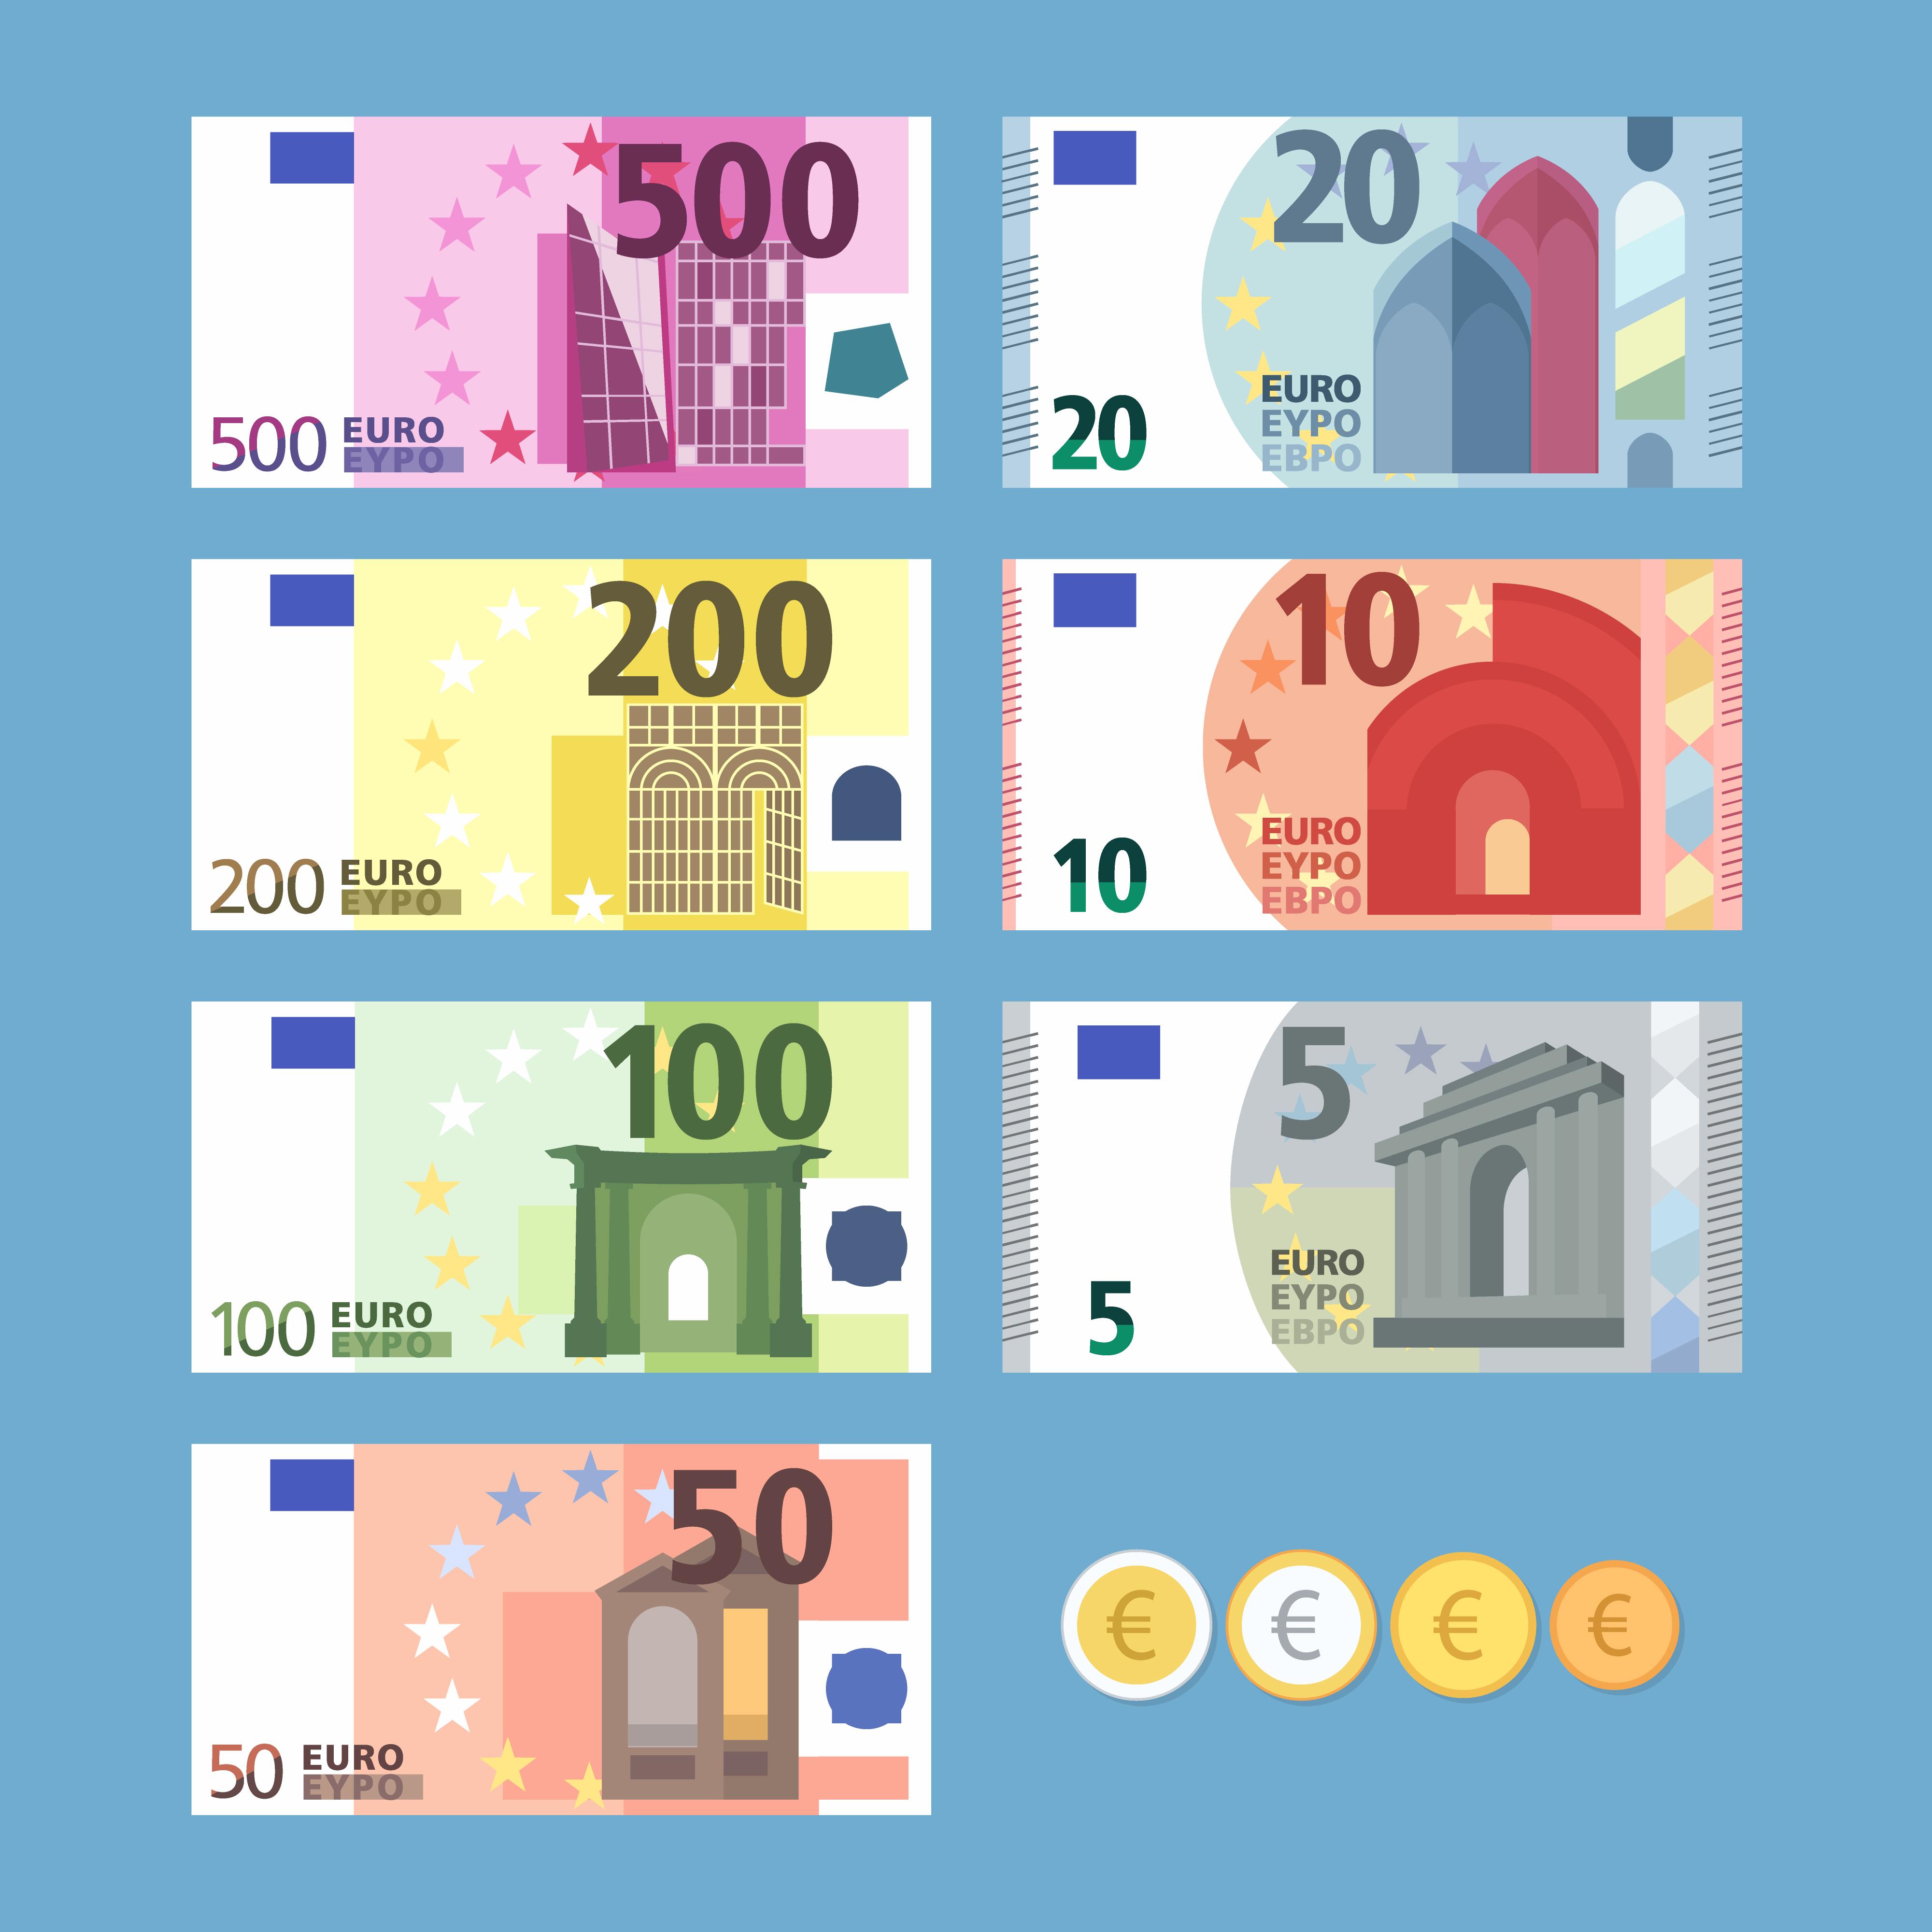 minikredit sofort als kurzzeitkredit aufs konto auch kleinkredite ber 1000 euro. Black Bedroom Furniture Sets. Home Design Ideas